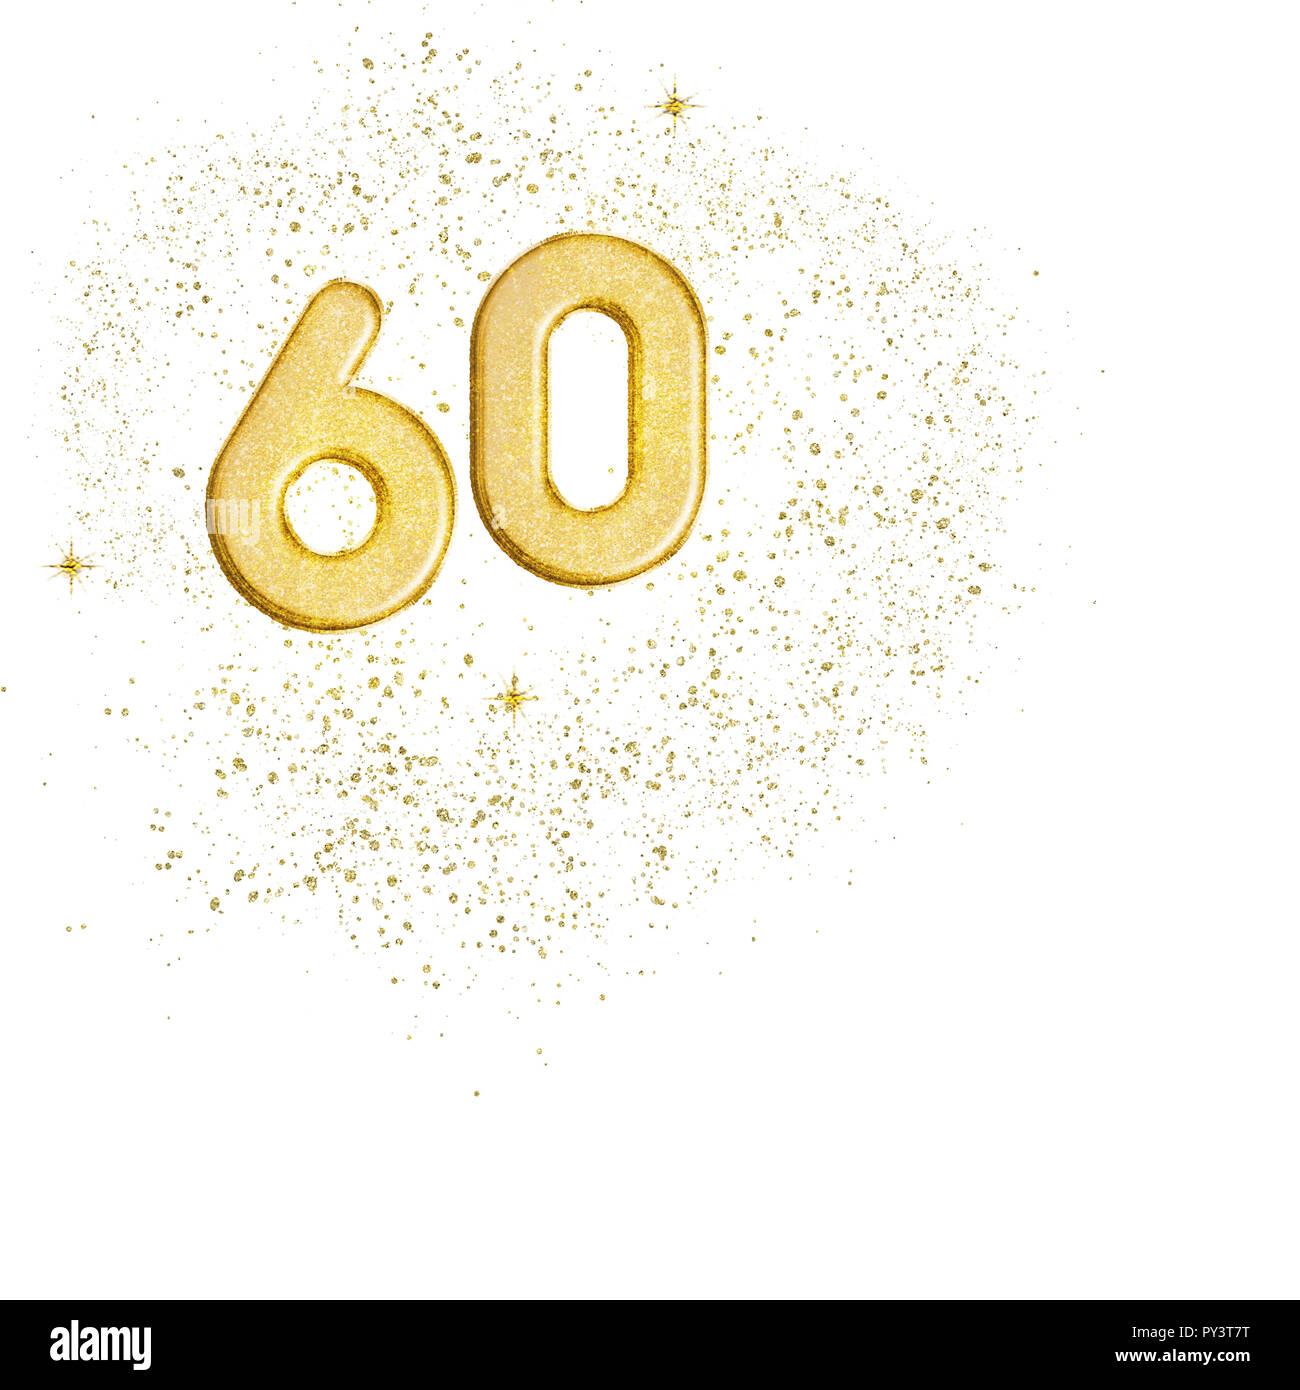 Sfondi Anniversario Di Matrimonio.Numero D Oro 60 Sessanta Numeri Isolati Su Sfondo Bianco